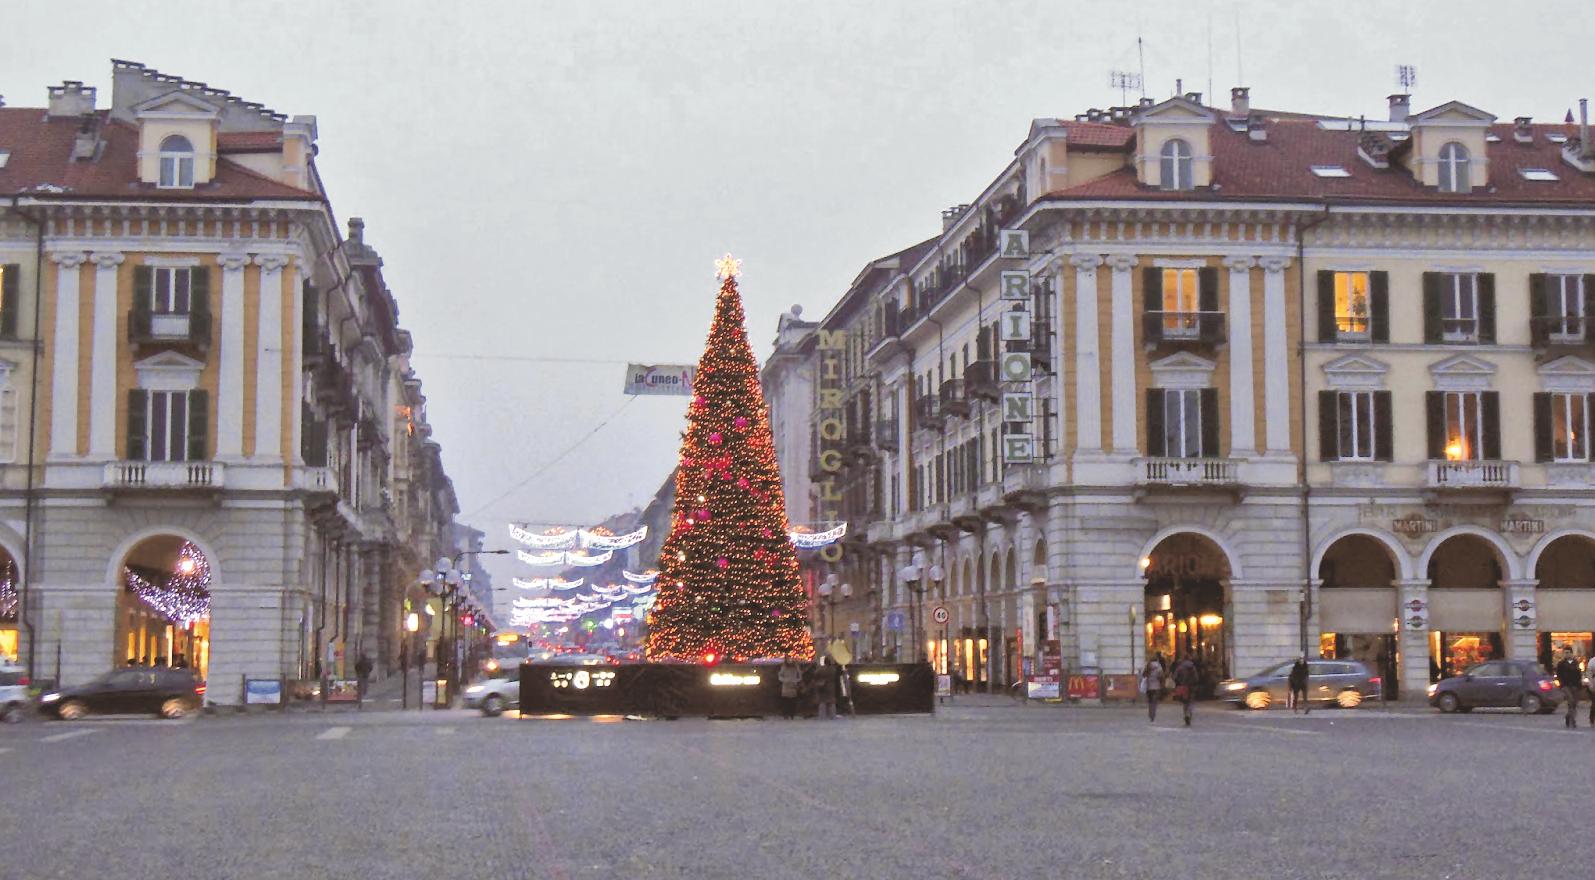 La Guida - Negozi aperti e mercati straordinari per lo shopping natalizio